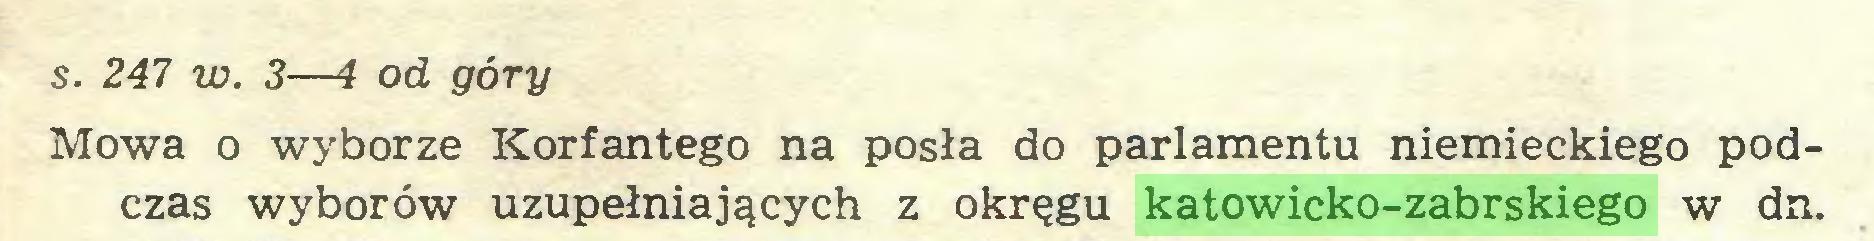 (...) s. 247 w. 3—4 od góry Mowa o wyborze Korfantego na posła do parlamentu niemieckiego podczas wyborów uzupełniających z okręgu katowicko-zabrskiego w dn...